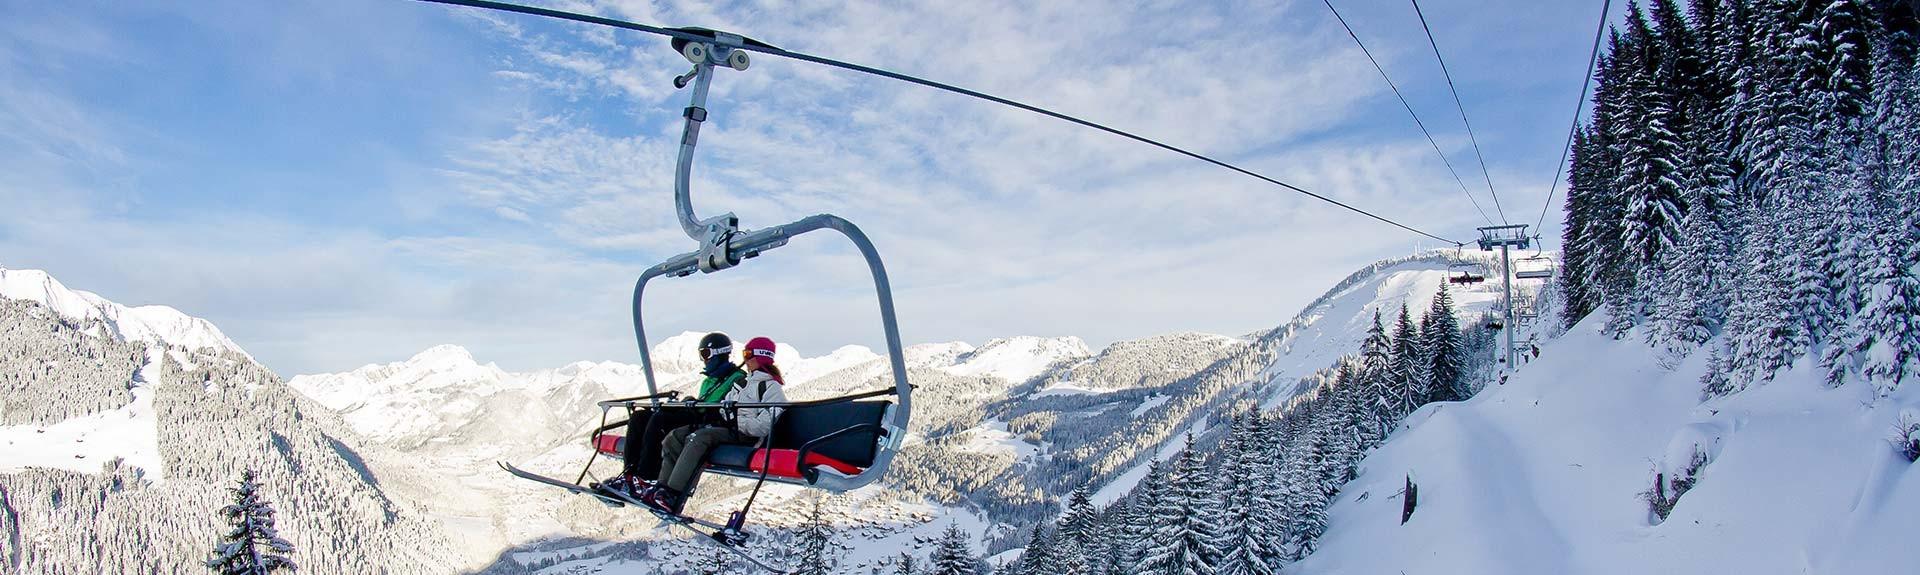 domaine-skiable-telesiege-portes-du-soleil